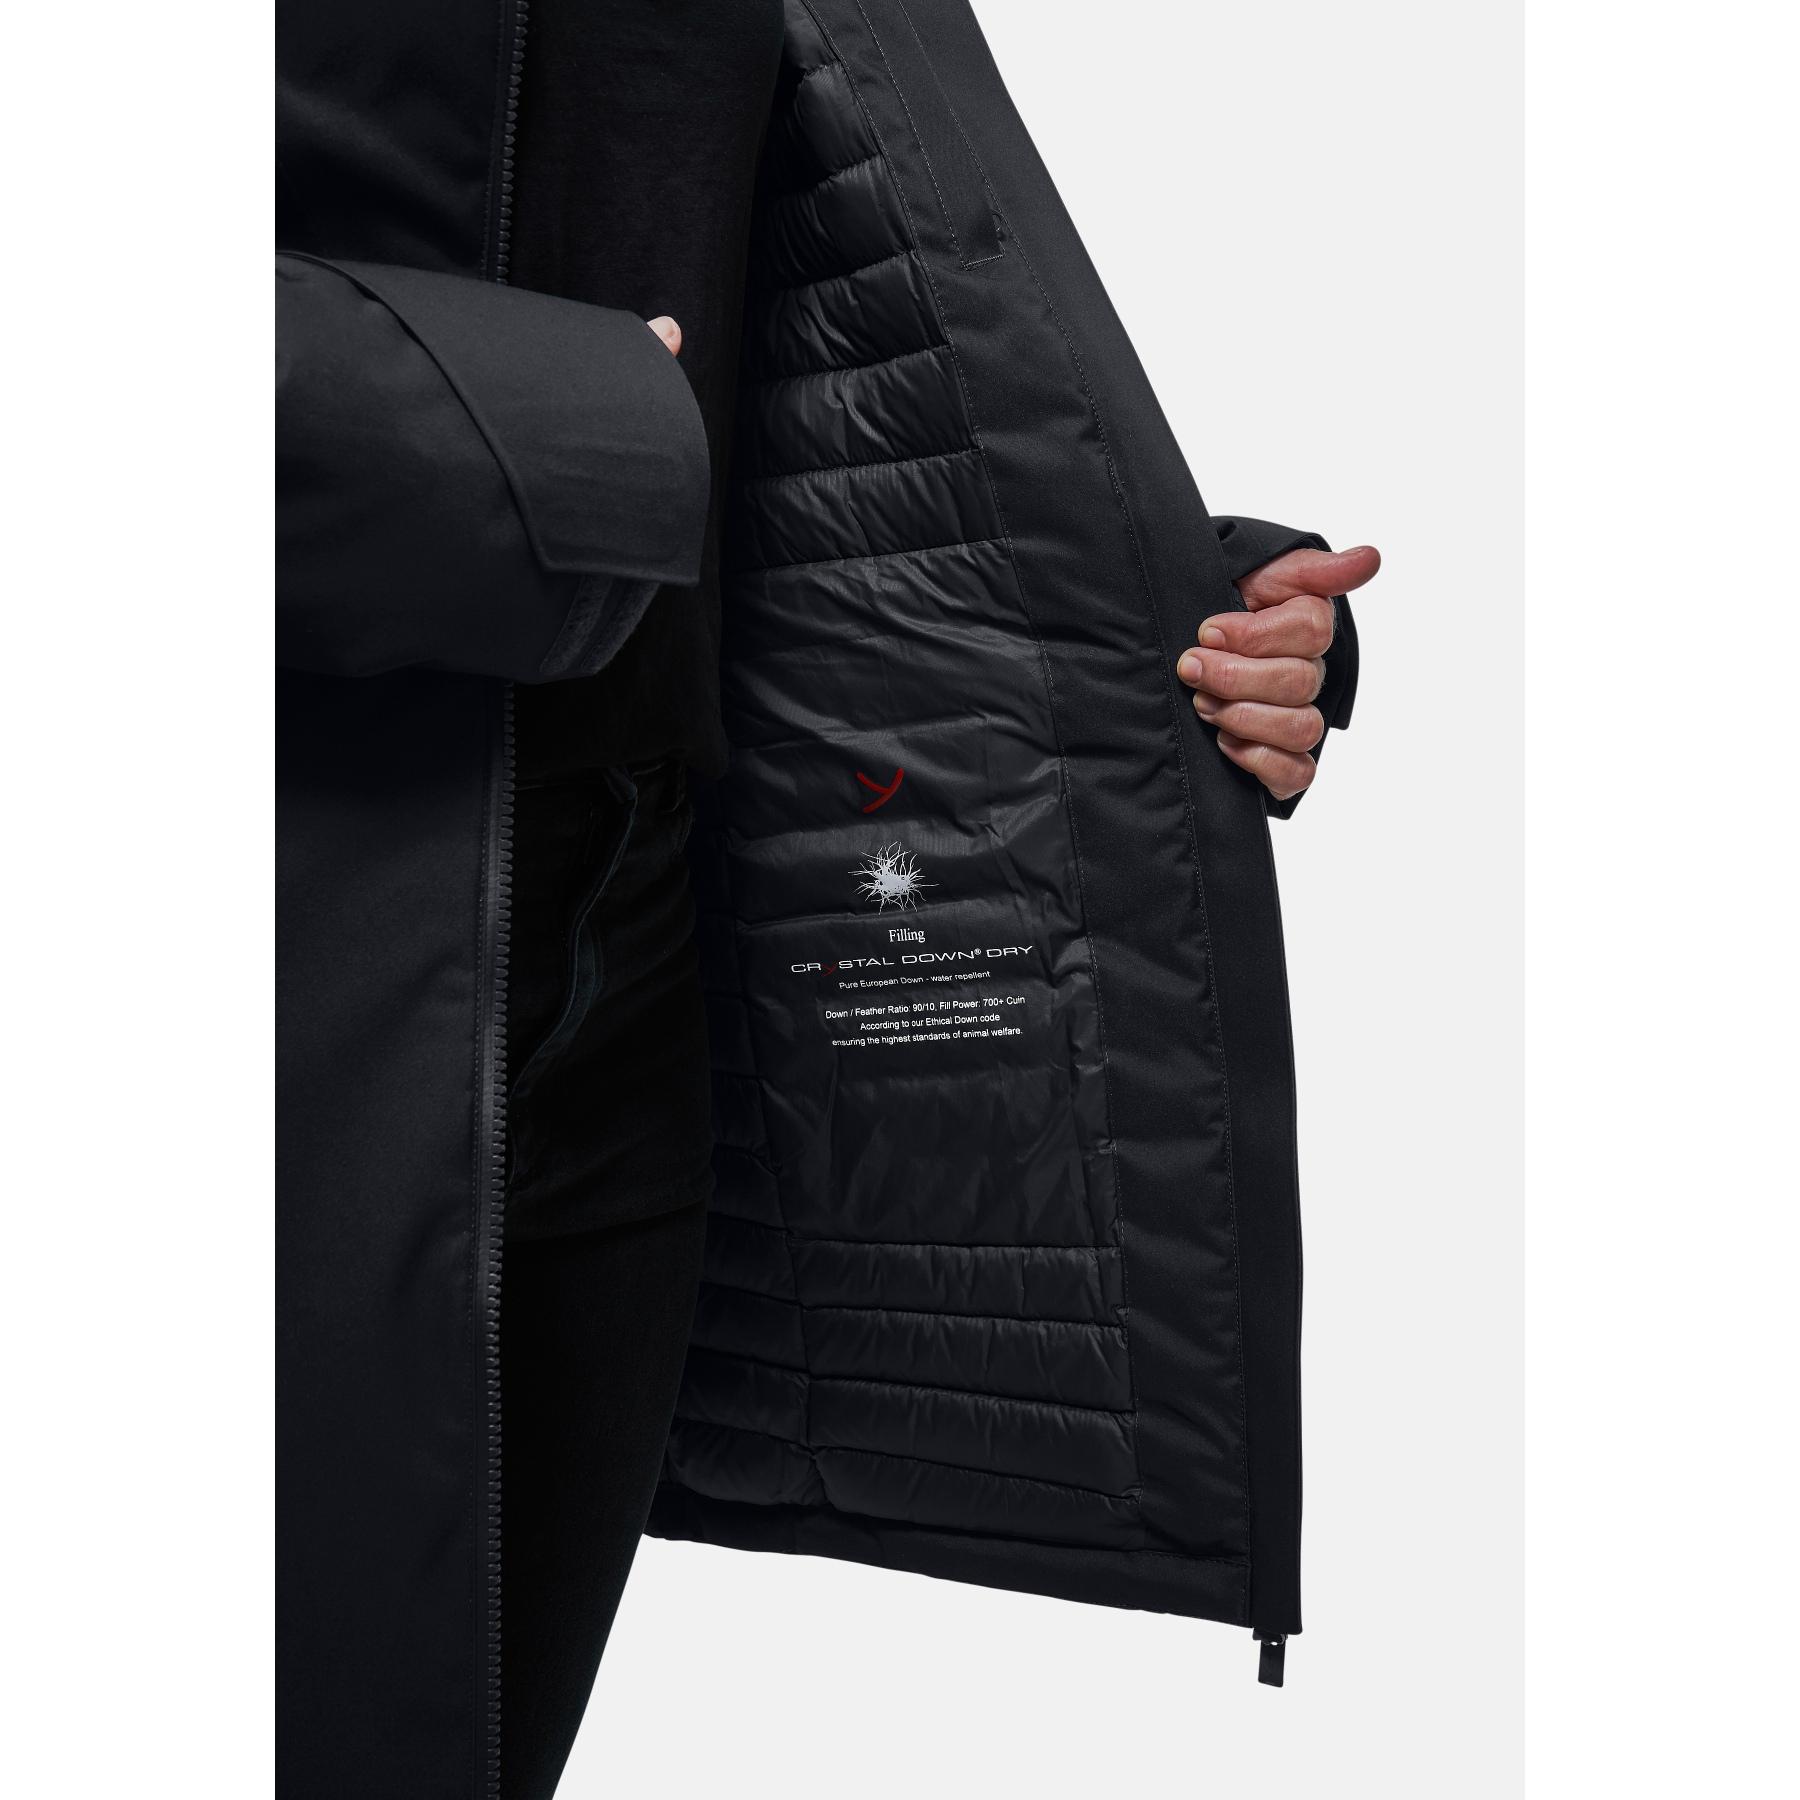 Image of Yeti Women's Raa Down Insulated Shell Coat - black